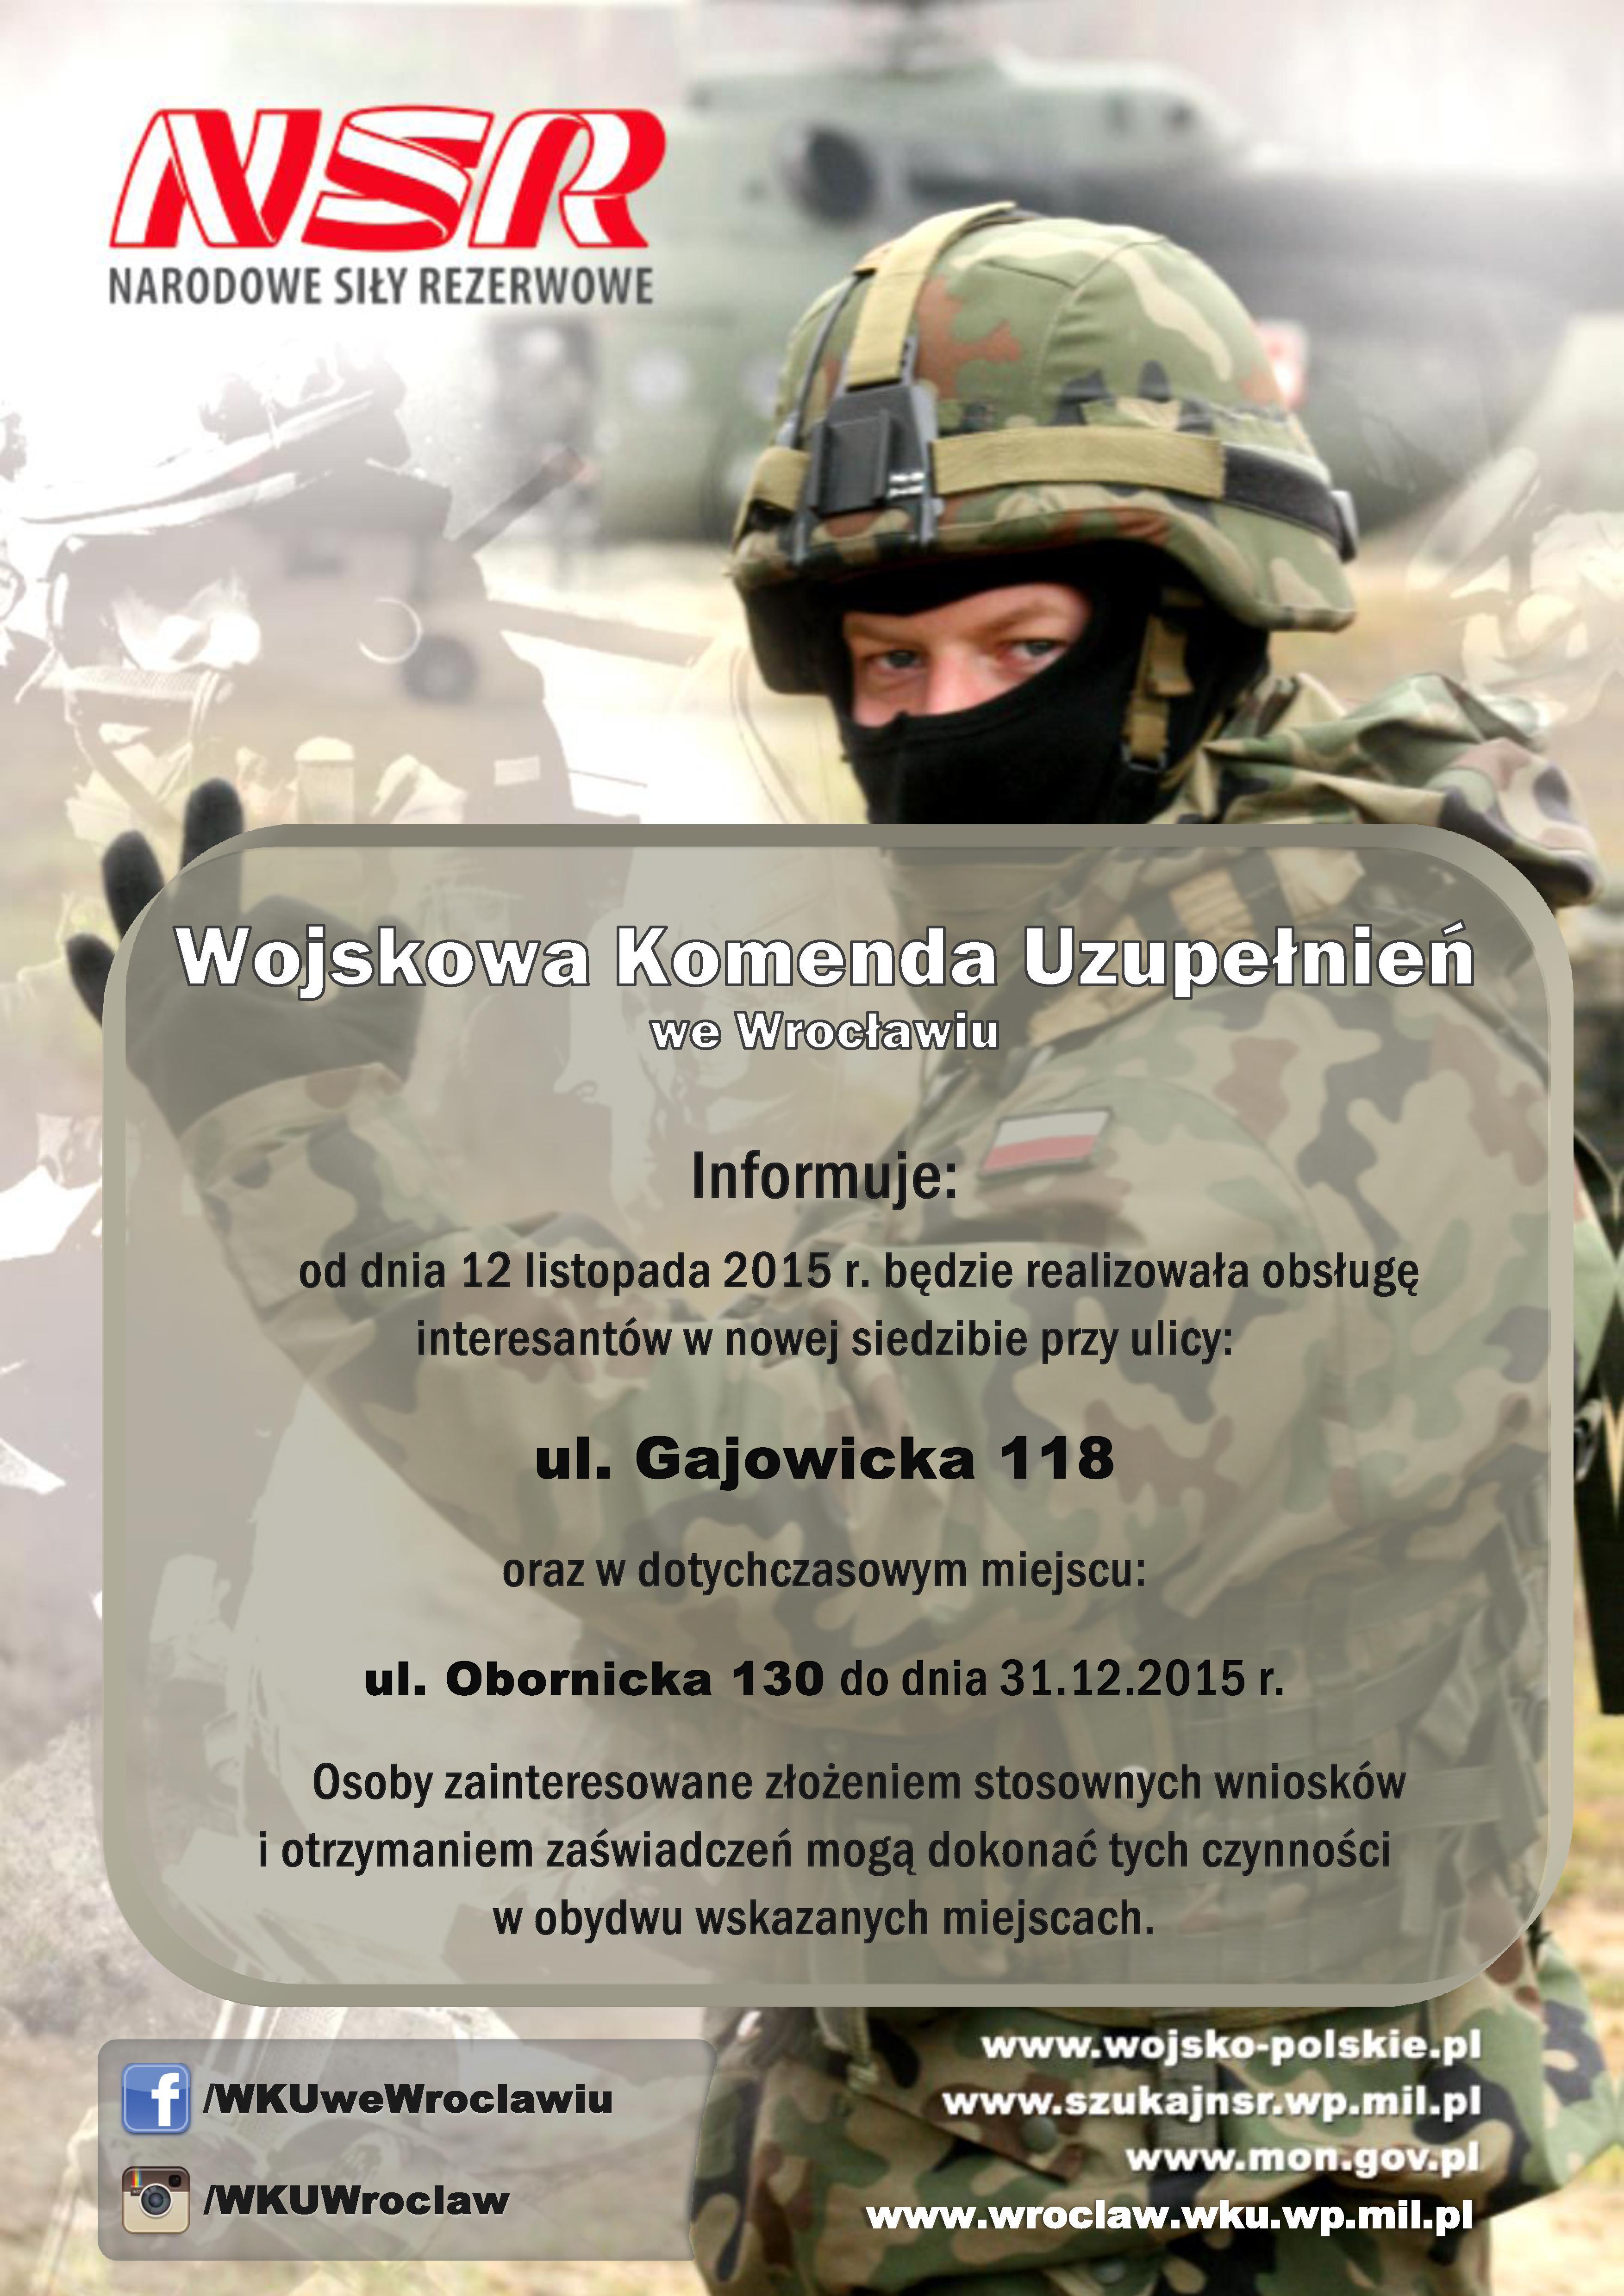 zmiana_adresu_WKU_Wroclaw